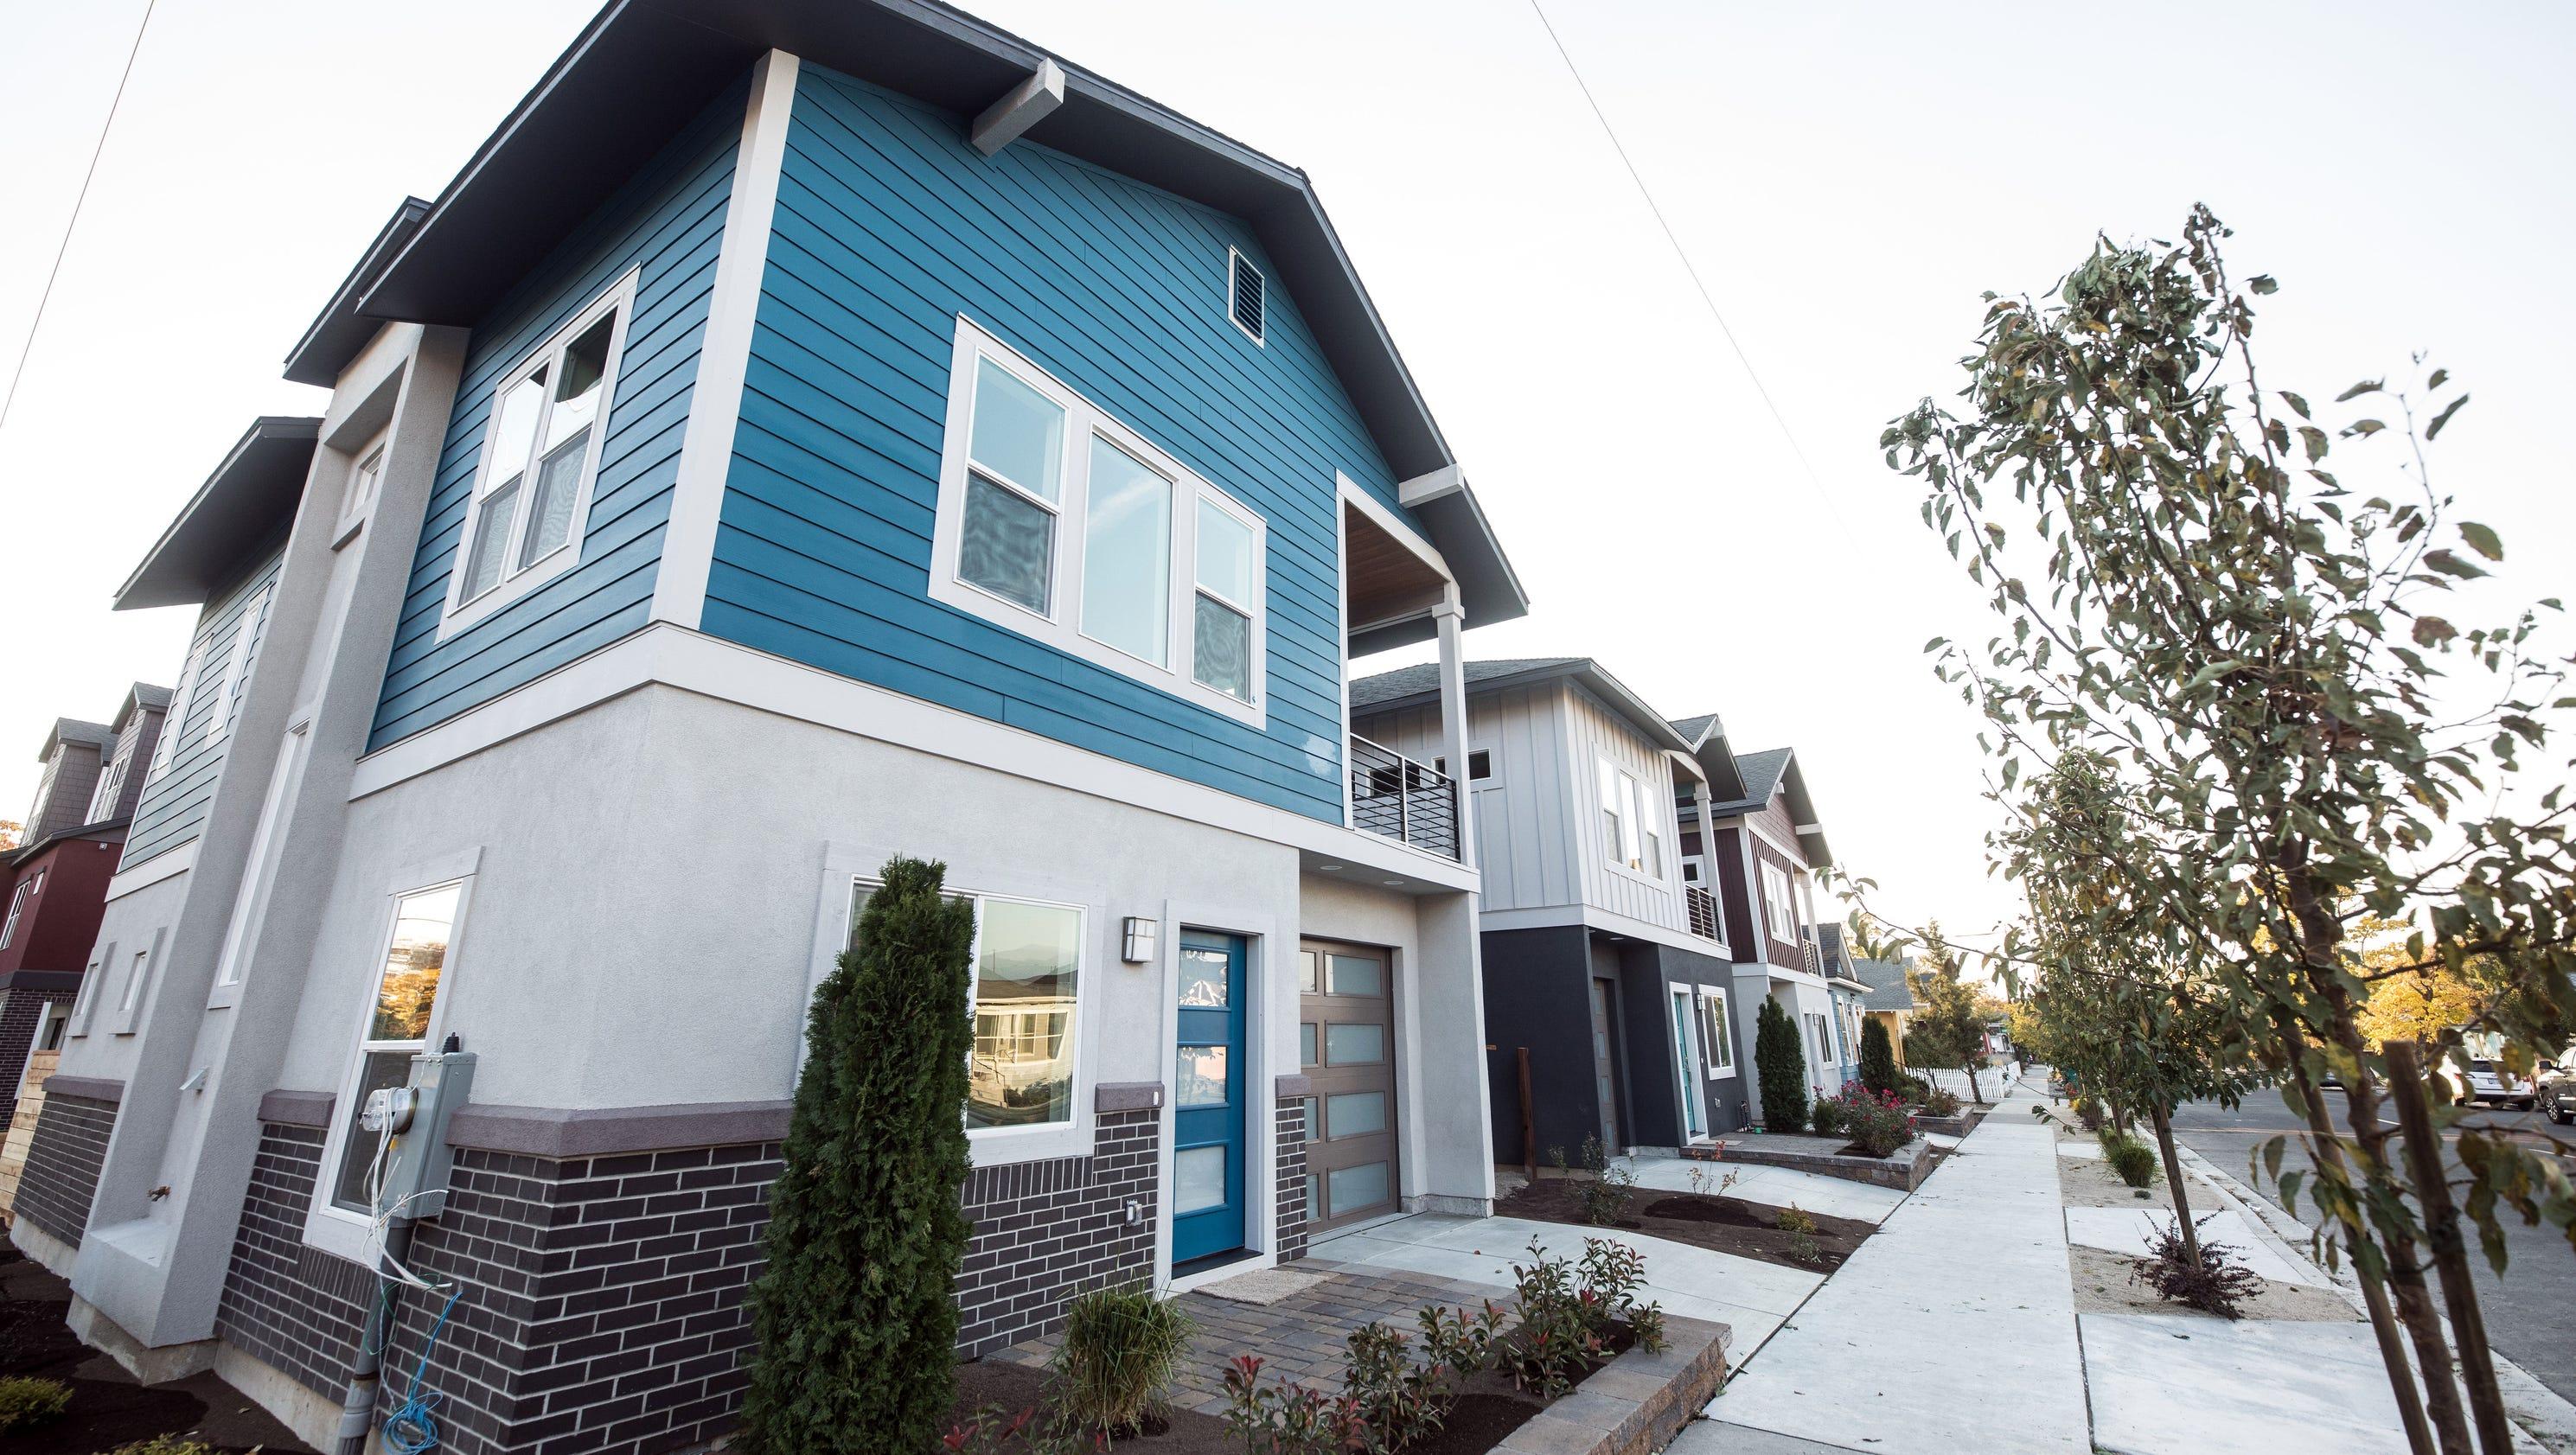 midtown lofts townhouses open in reno